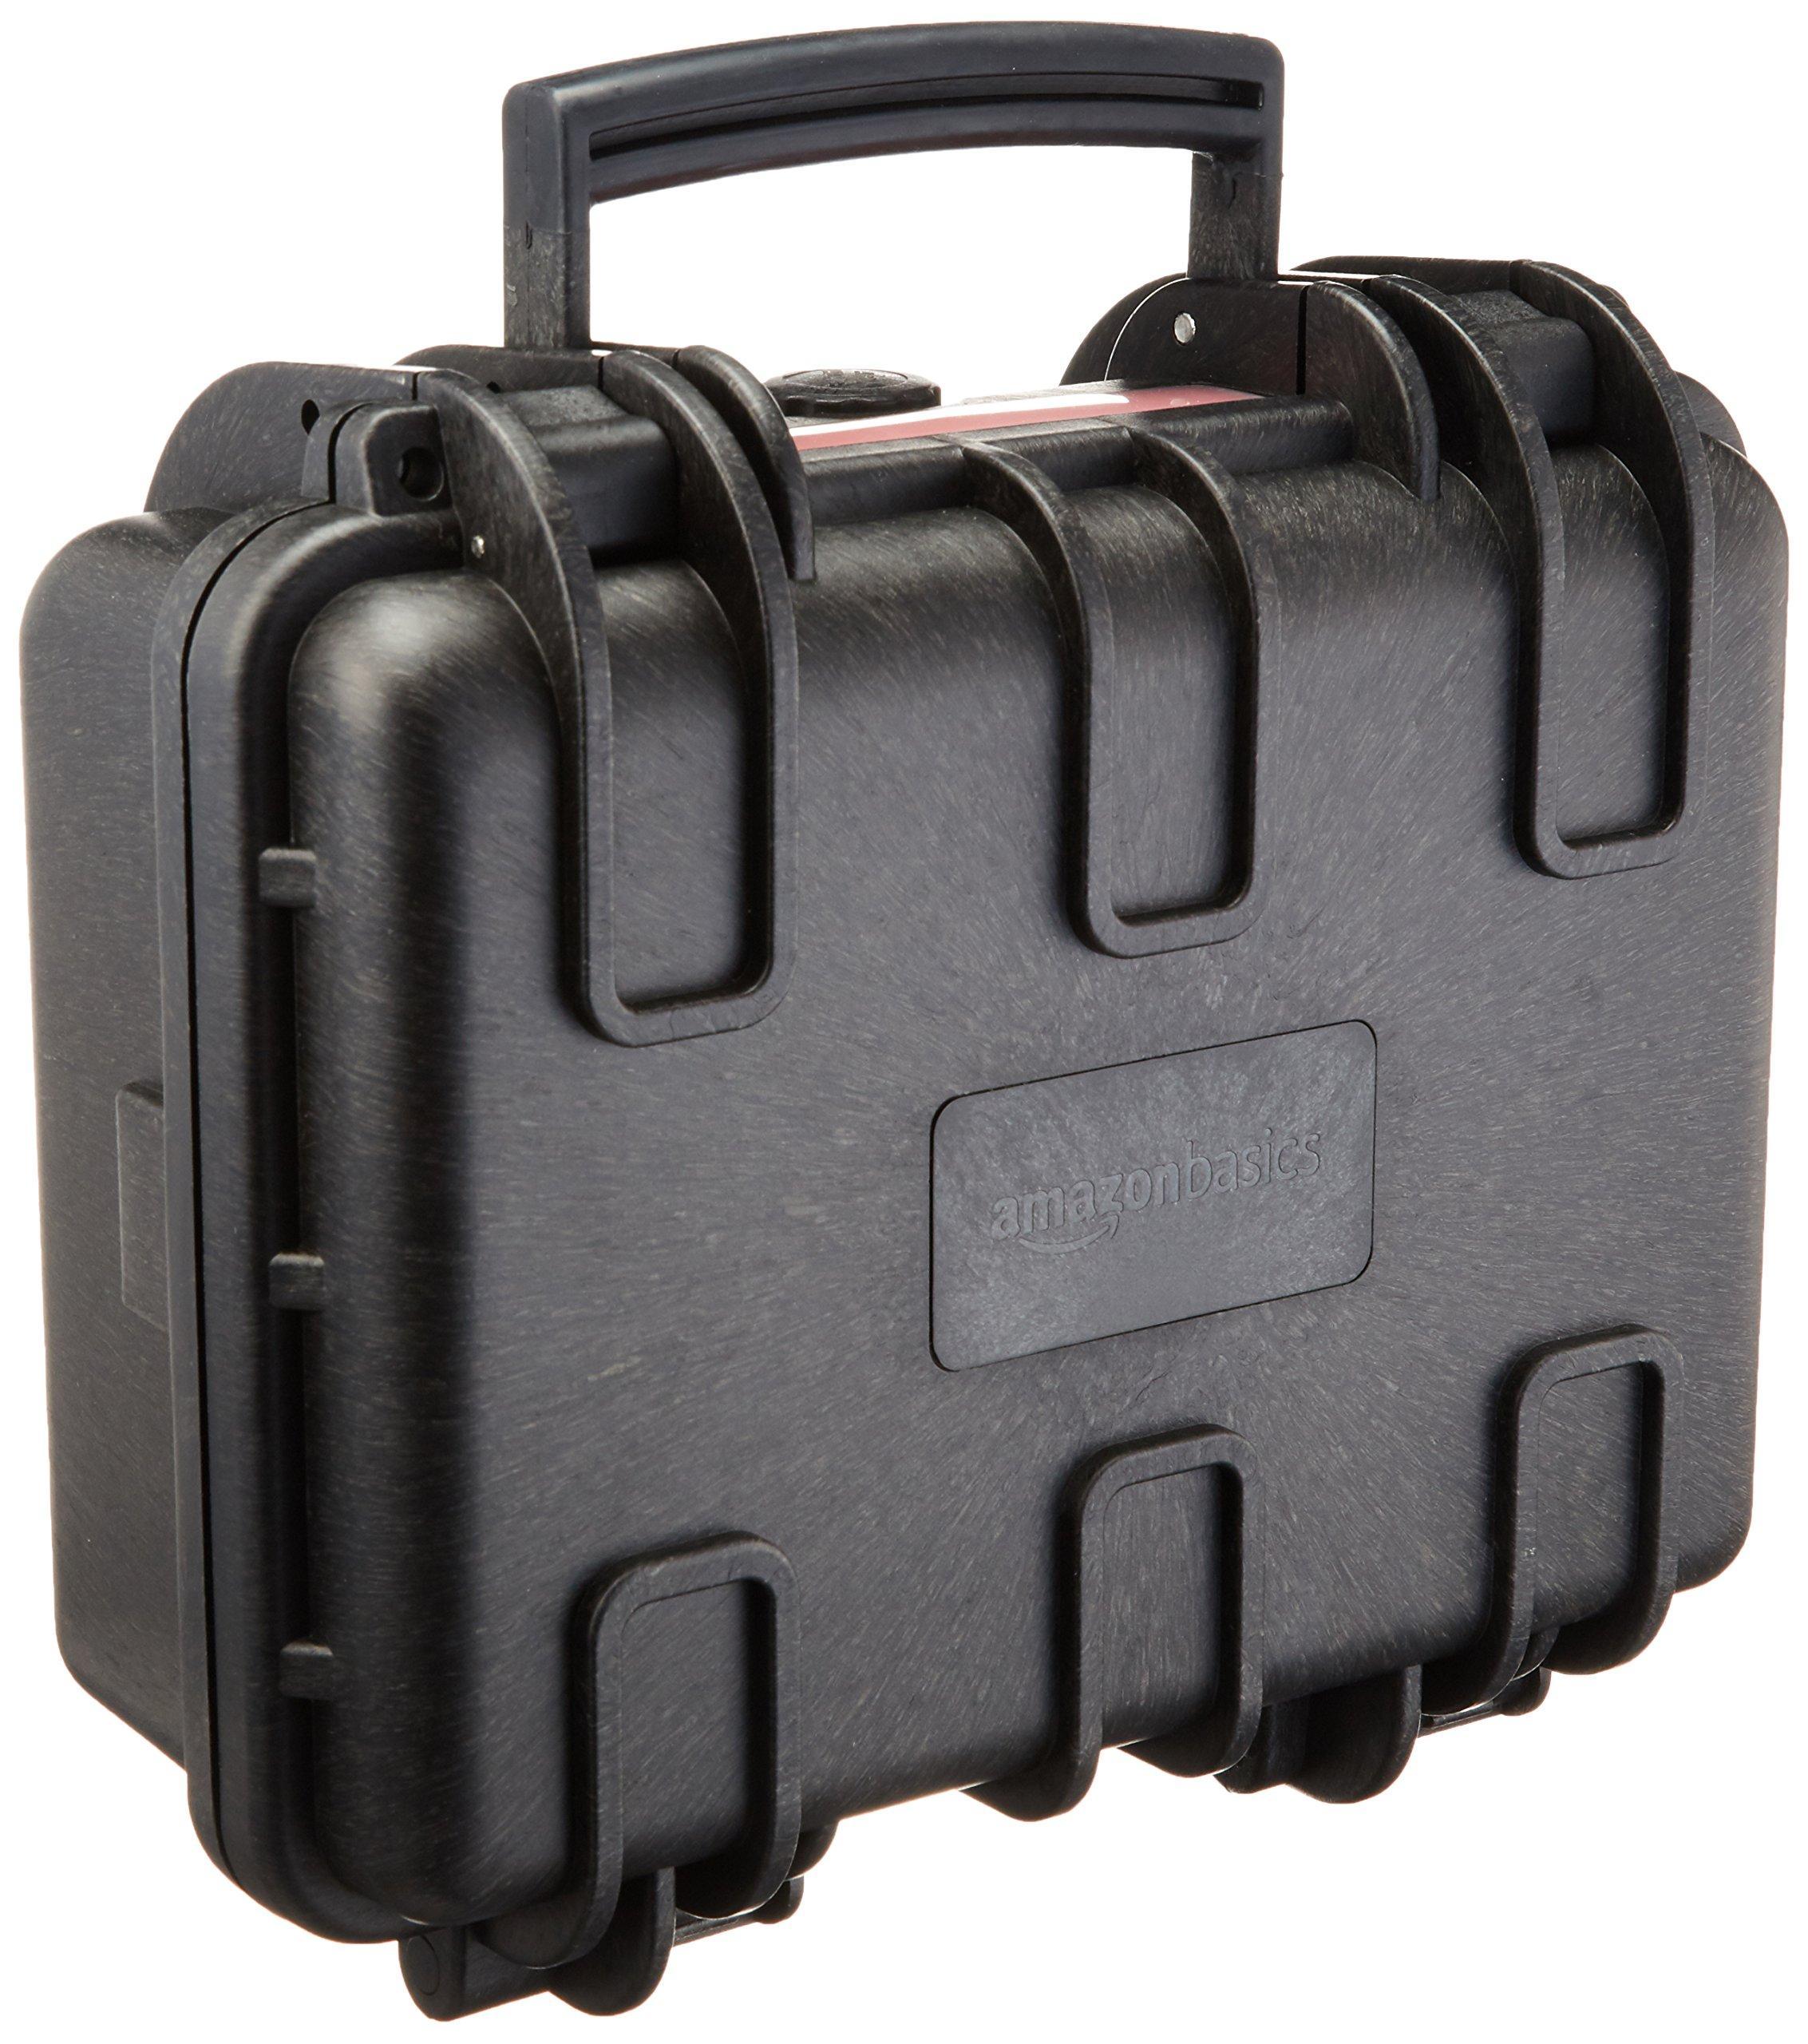 Amazonbasics hard camera case small for Amazon casa